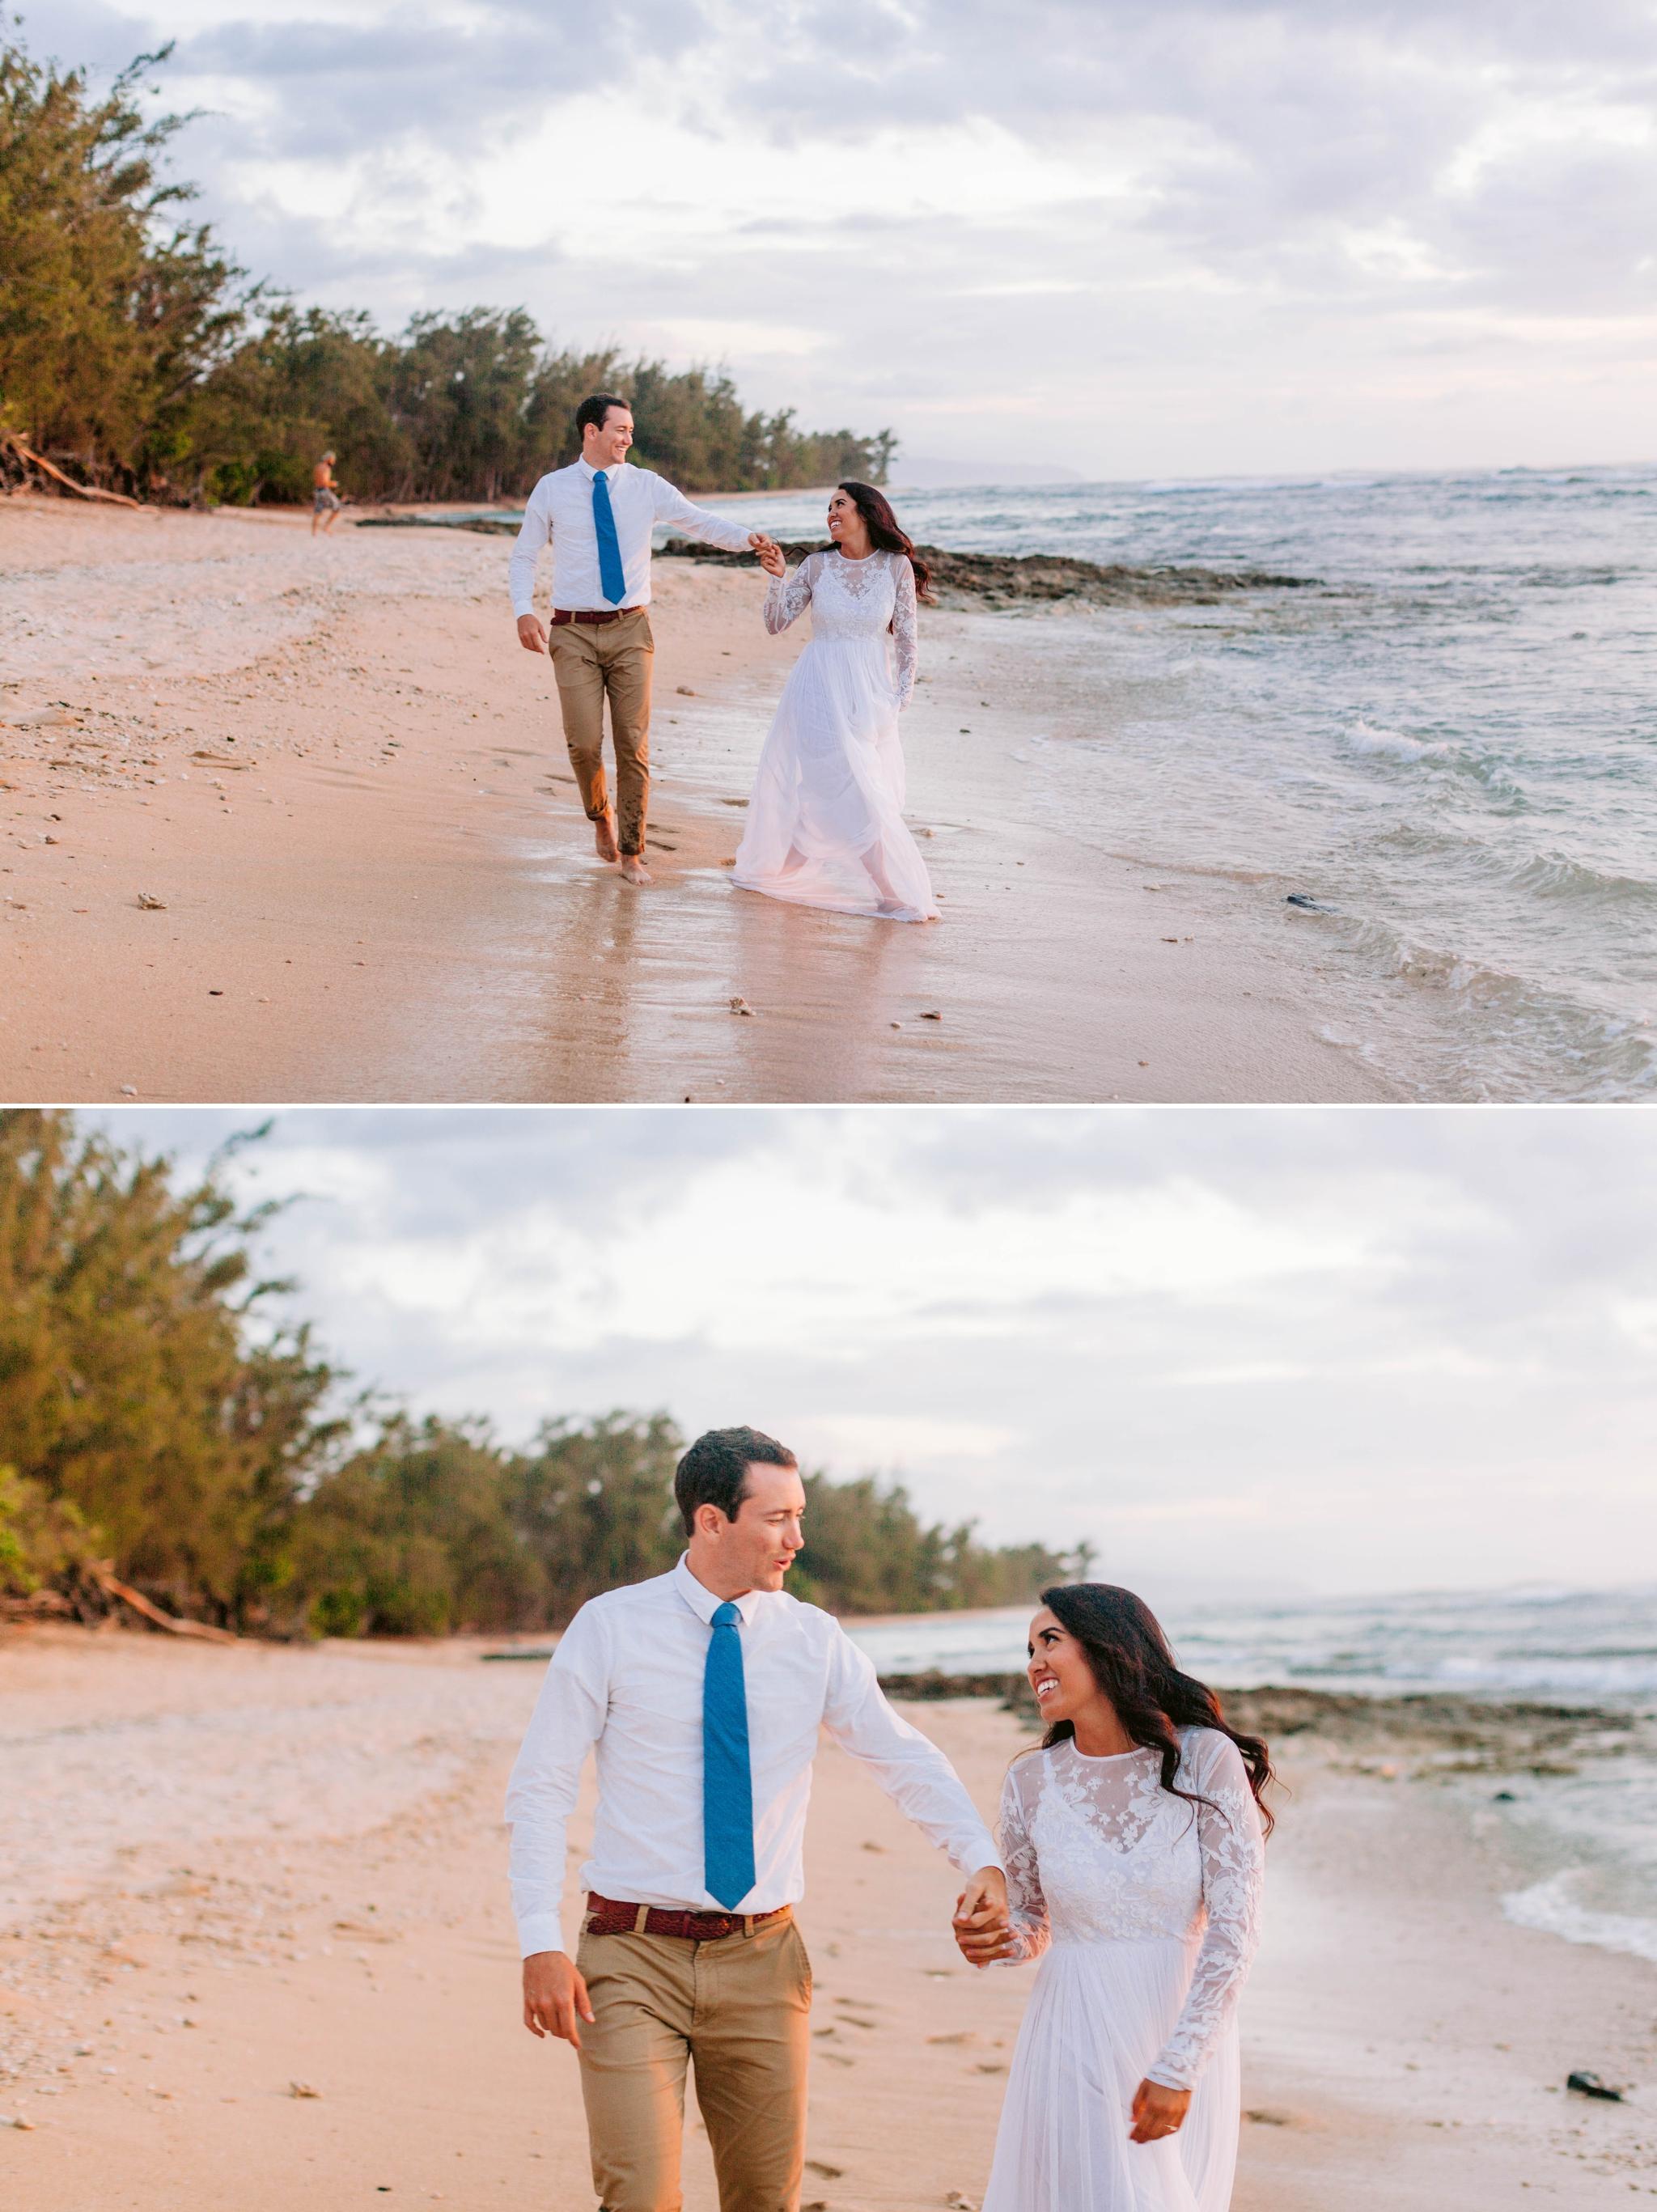 Walks on the beach - Wedding Portraits at Sunset in Hawaii - Ana + Elijah - Wedding at Loulu Palm in Haleiwa, HI - Oahu Hawaii Wedding Photographer - #hawaiiweddingphotographer #oahuweddings #hawaiiweddings